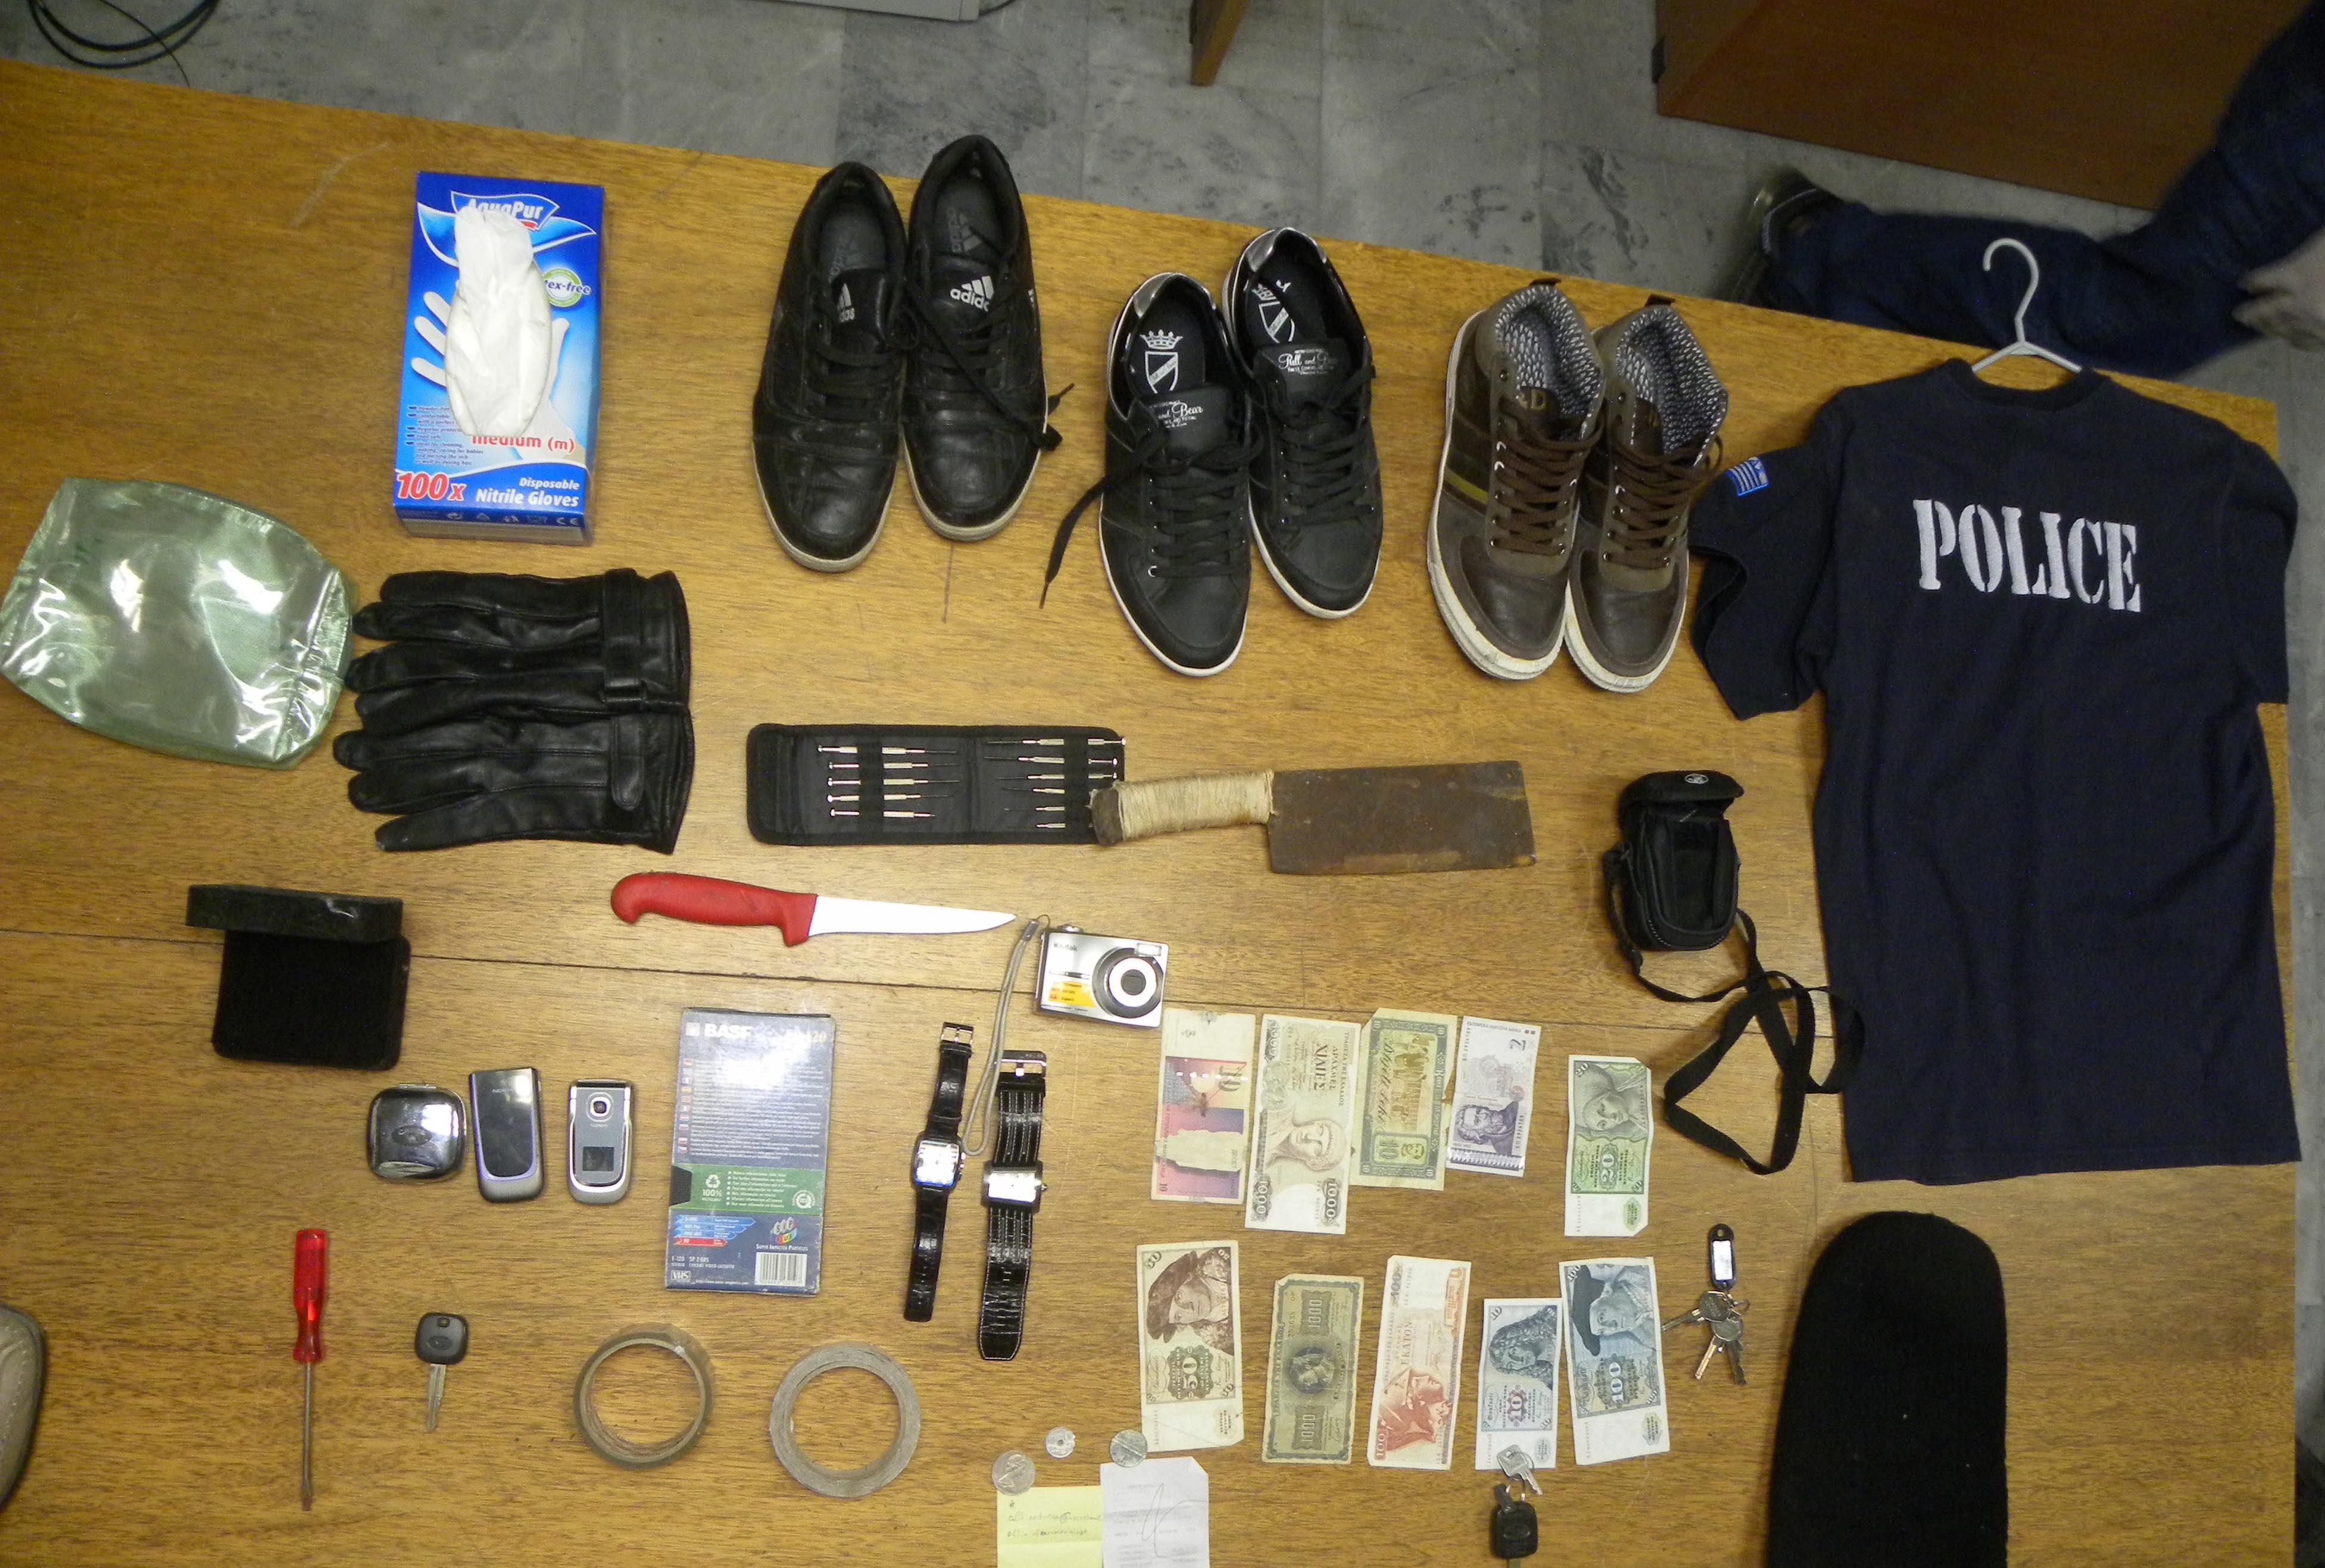 Μέρος του εξοπλισμού τους, που κατασχέθηκε από την αστυνομία - ΦΩΤΟ EUROKINISSI